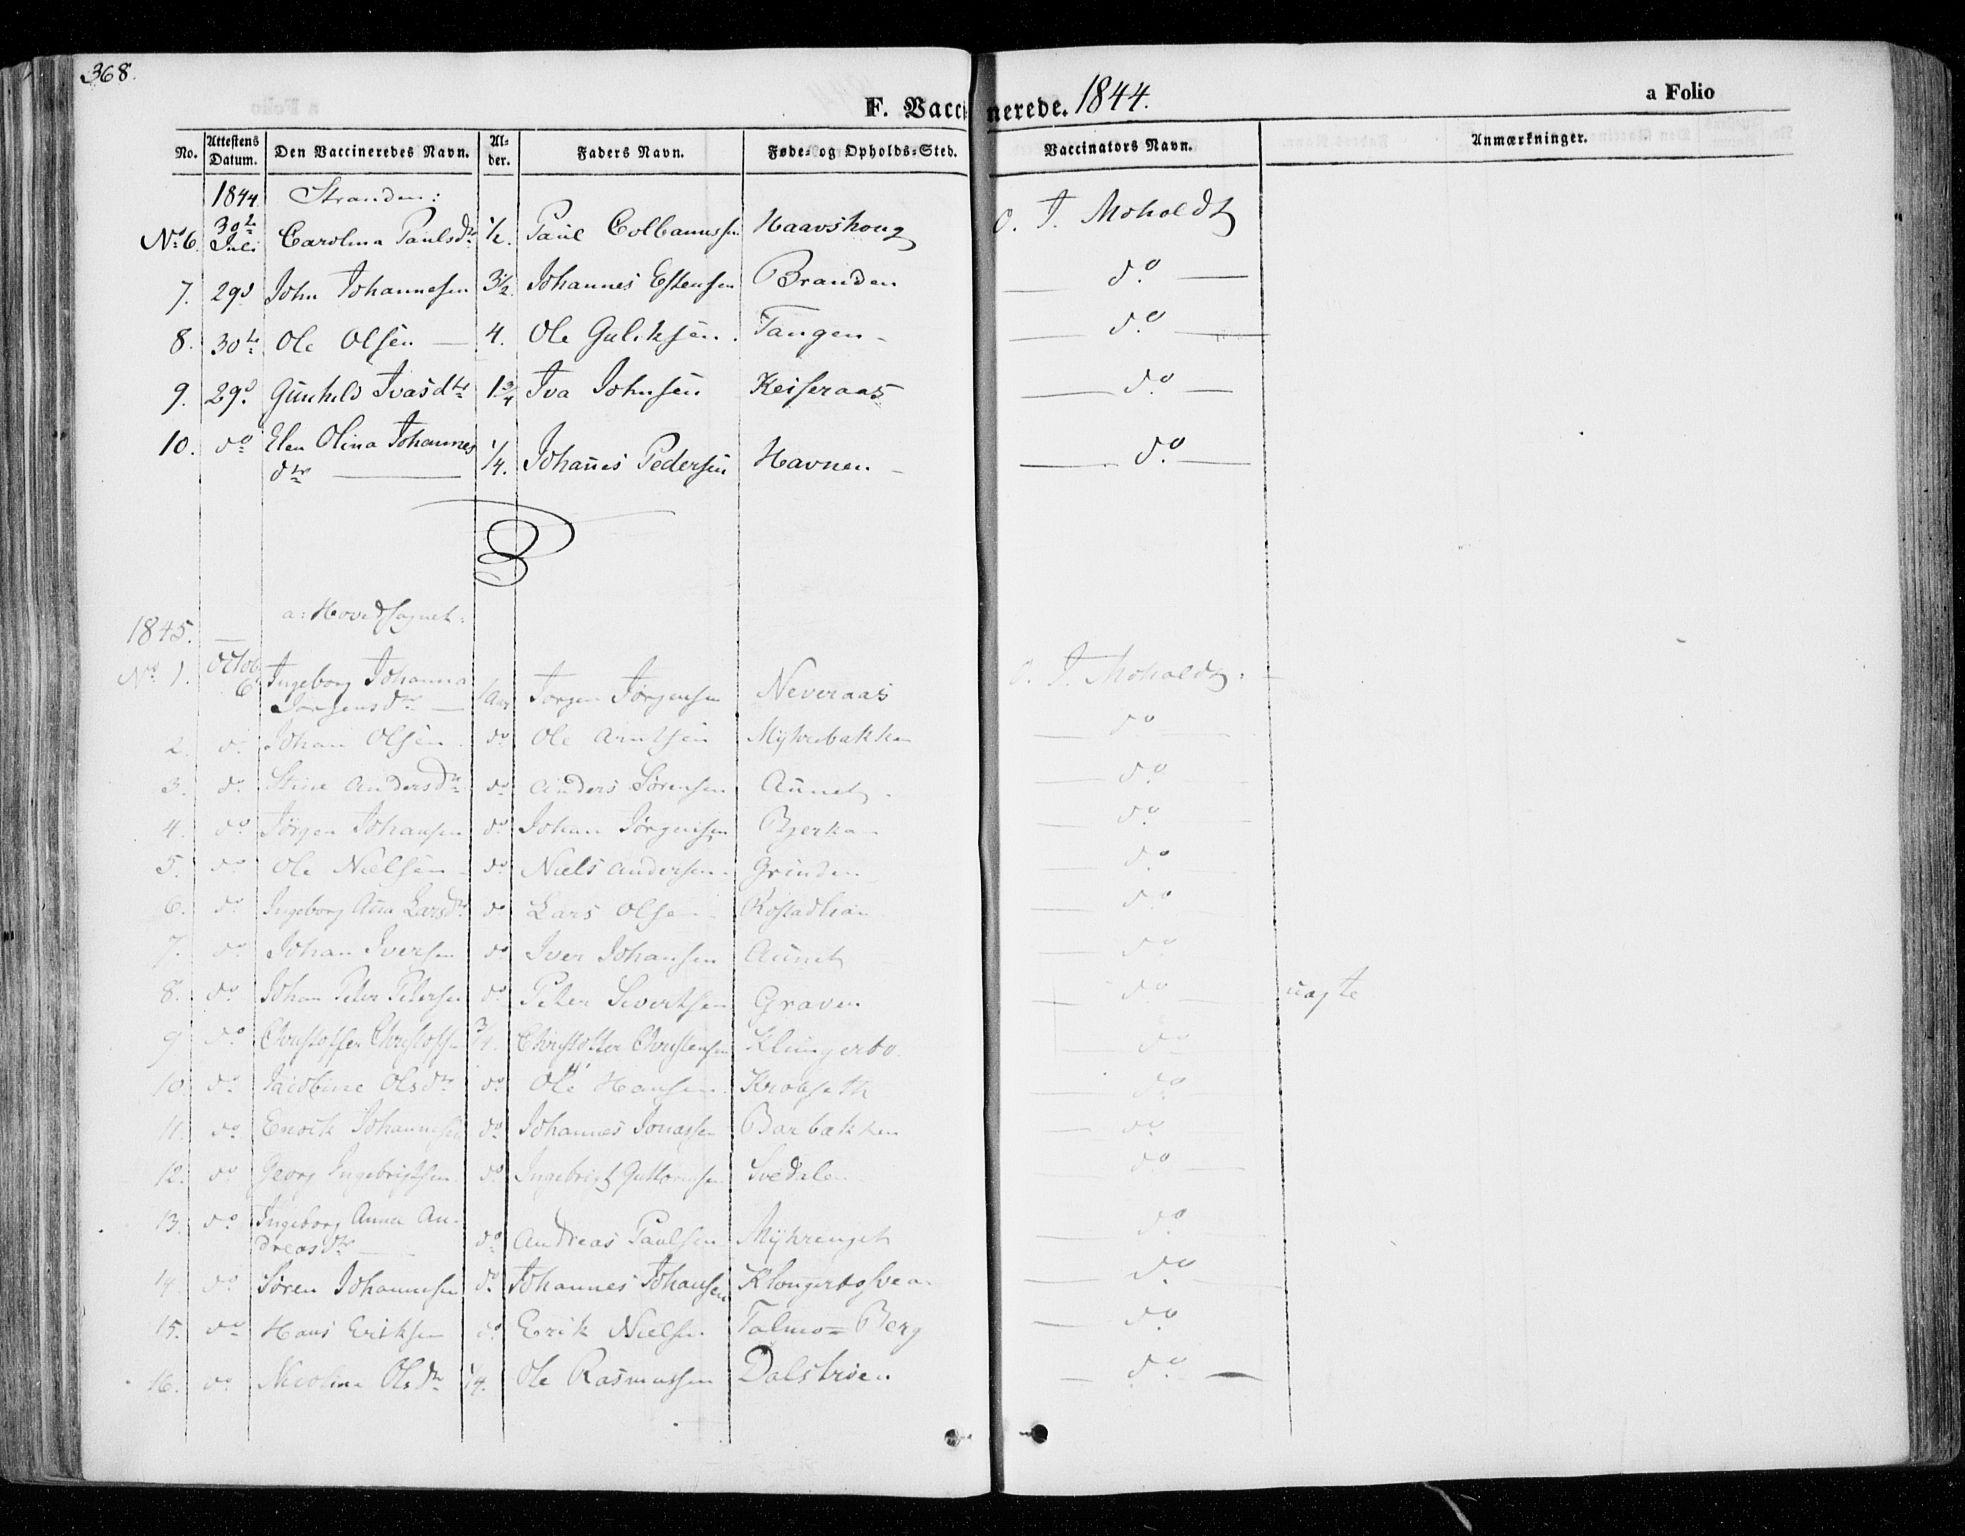 SAT, Ministerialprotokoller, klokkerbøker og fødselsregistre - Nord-Trøndelag, 701/L0007: Ministerialbok nr. 701A07 /1, 1842-1854, s. 368